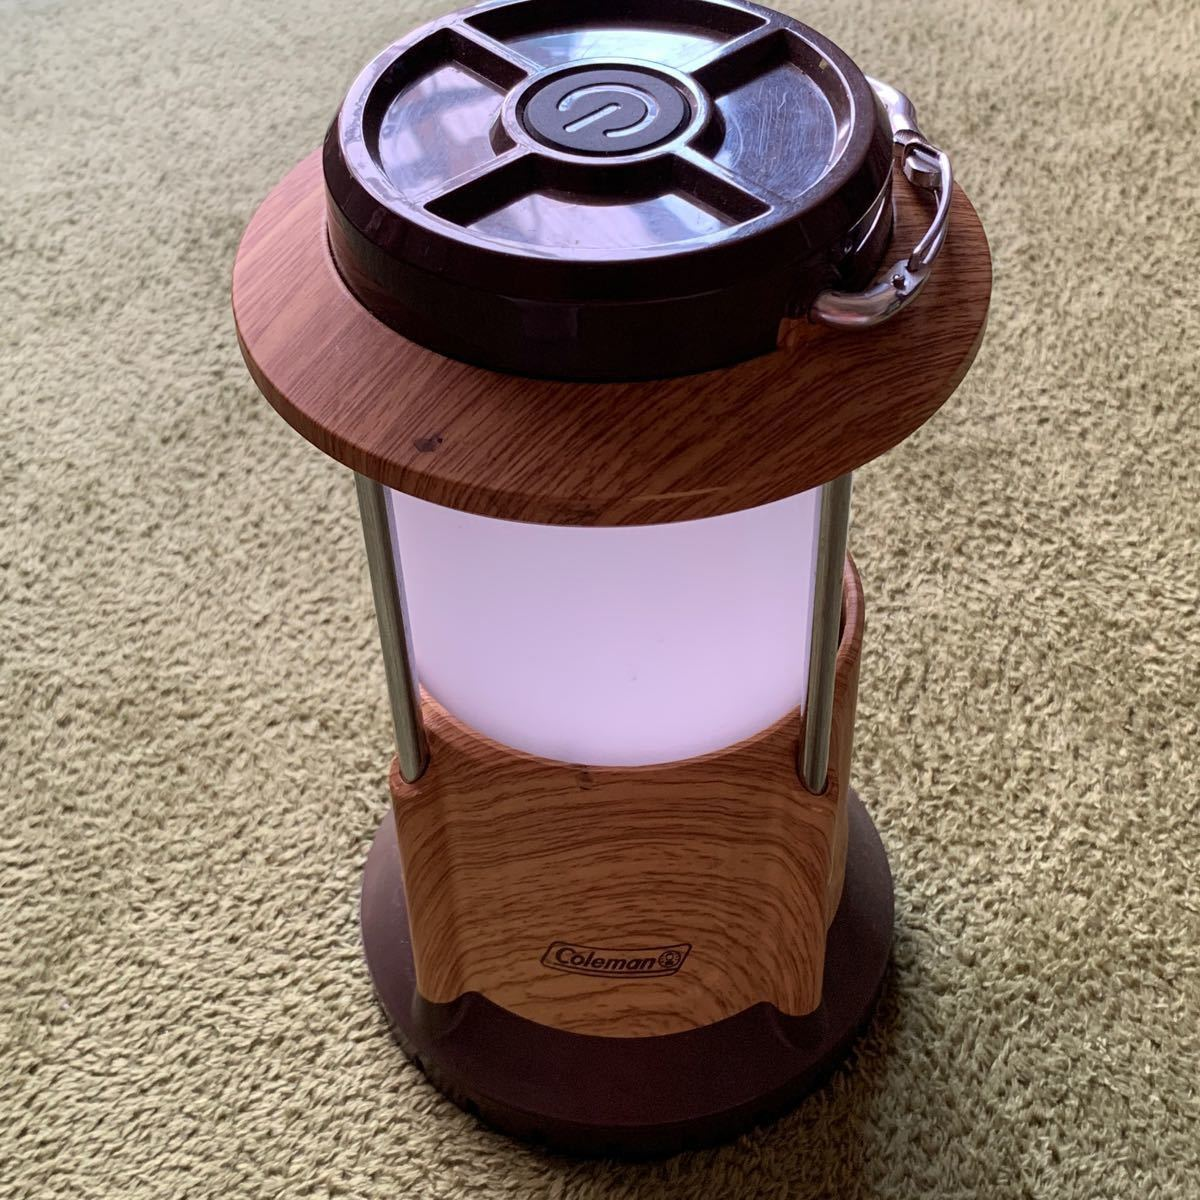 コールマン Coleman ライトバッテリーロックパックアウェイランタン ナチュラルウッド 電池式